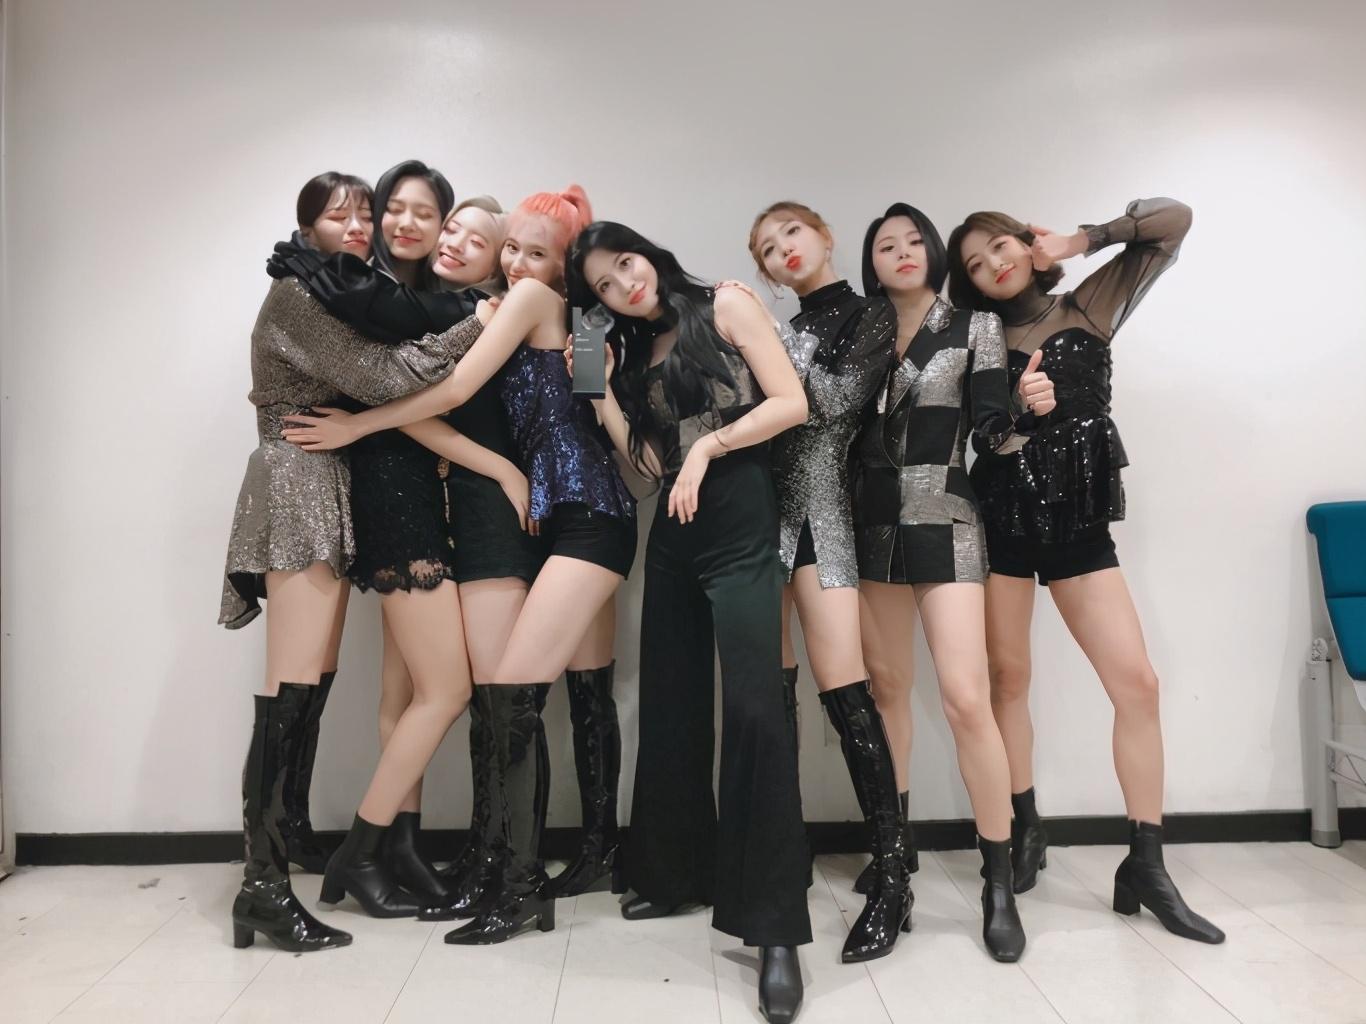 Mnet公布MAMA阵容,BTS锁定最佳男团,YG也不甘示弱